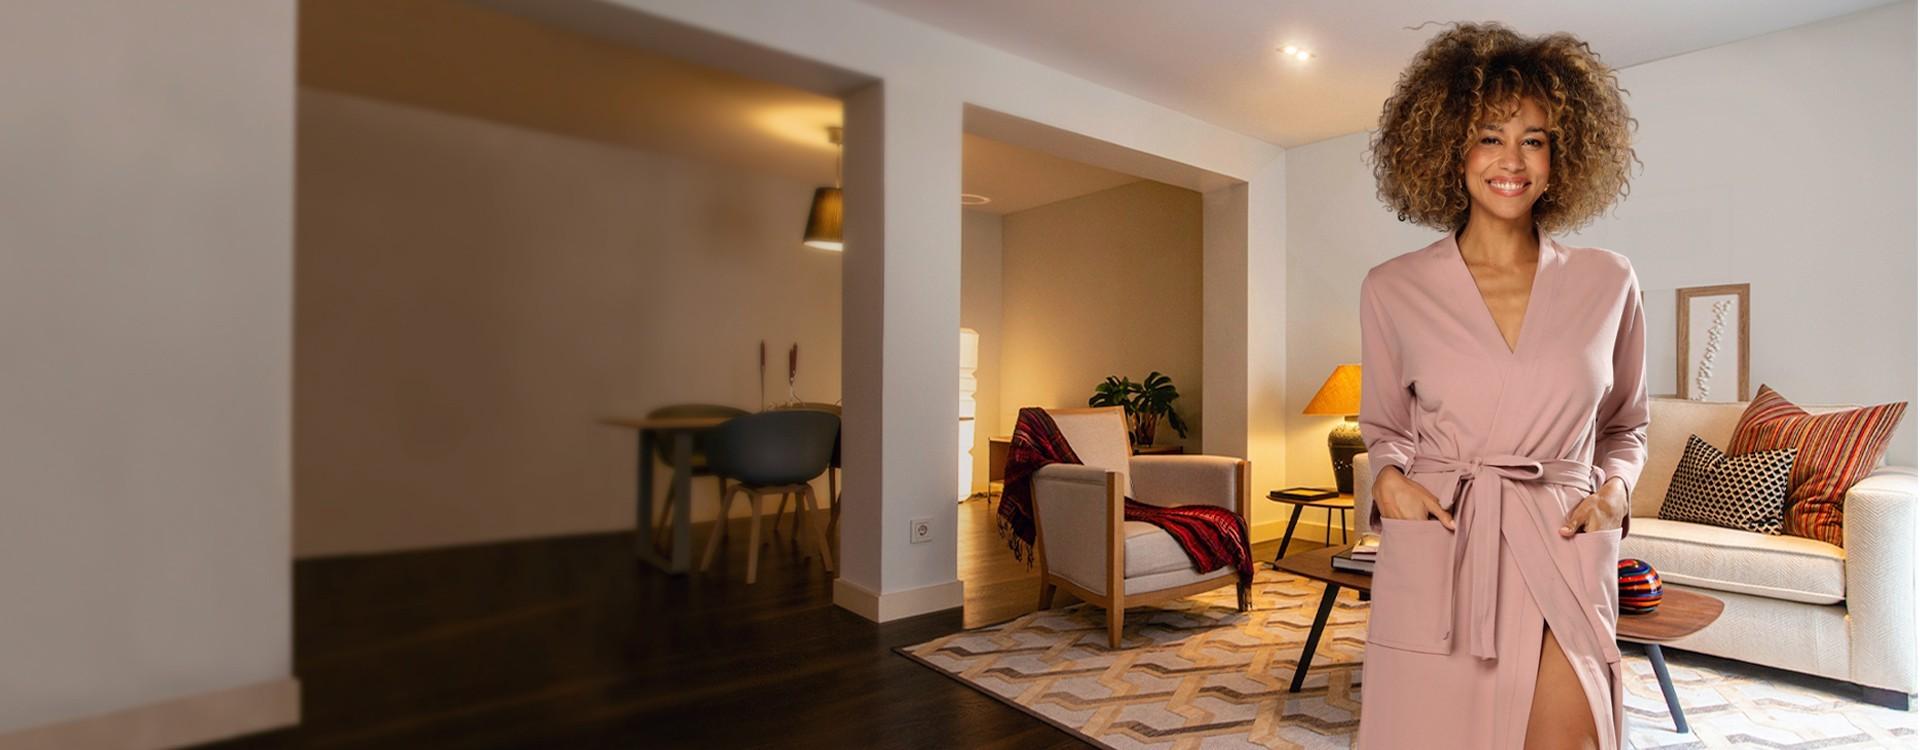 Tej jesieni otul się cieplutką podomką od Dkaren.